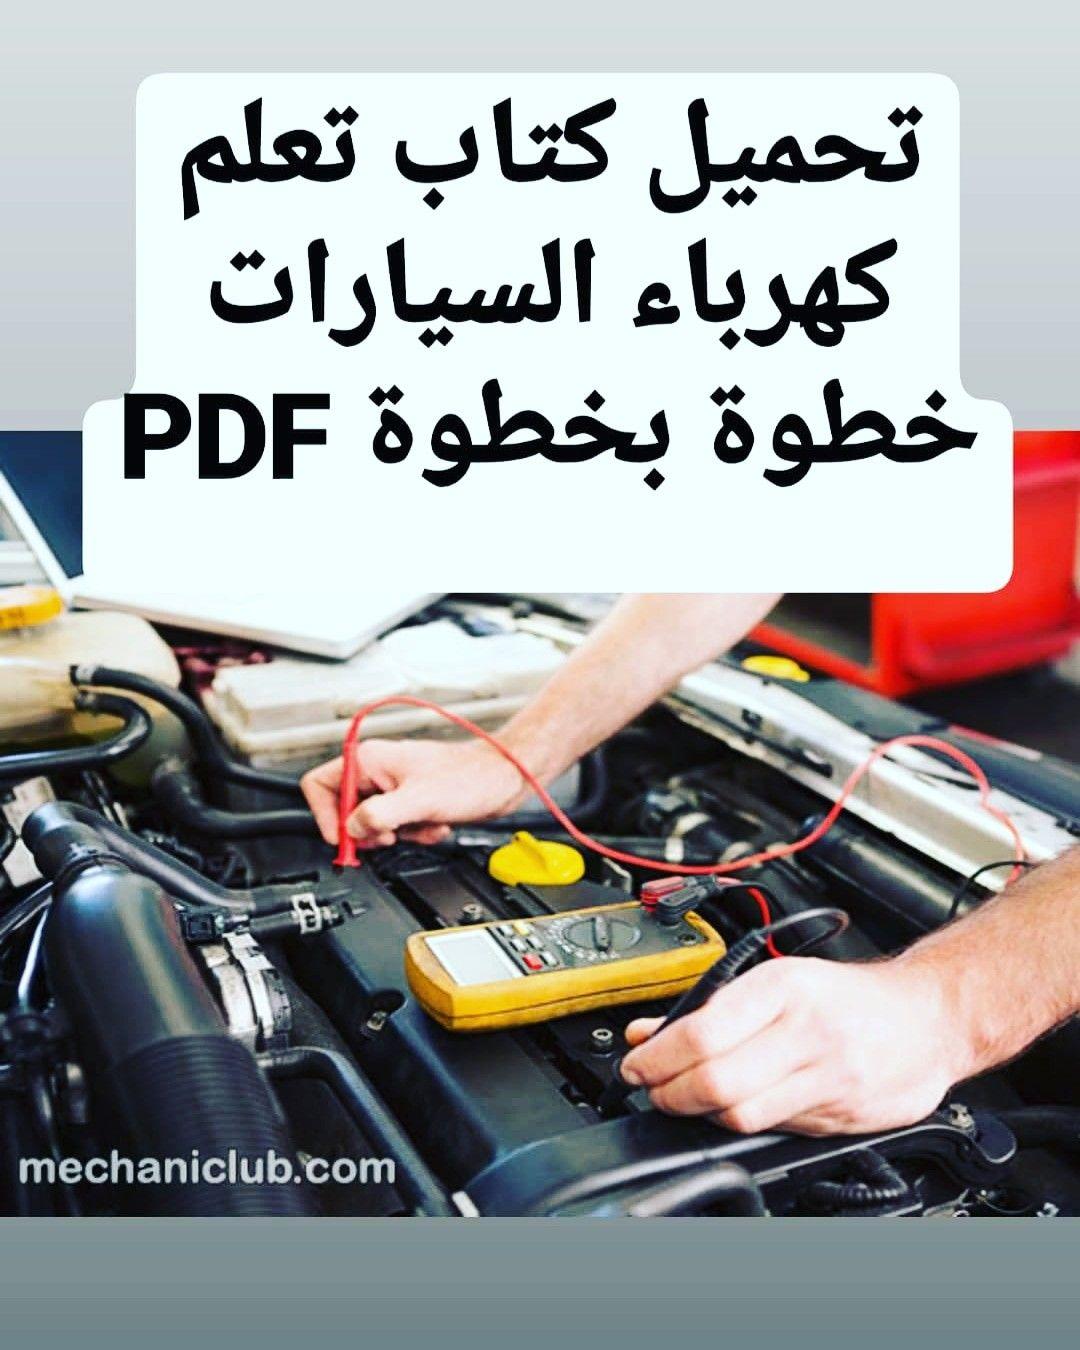 تحميل كتاب تعلم كهرباء السيارات خطوة بخطوة Pdf In 2020 Automotive Repair Chevrolet S 10 Sony Led